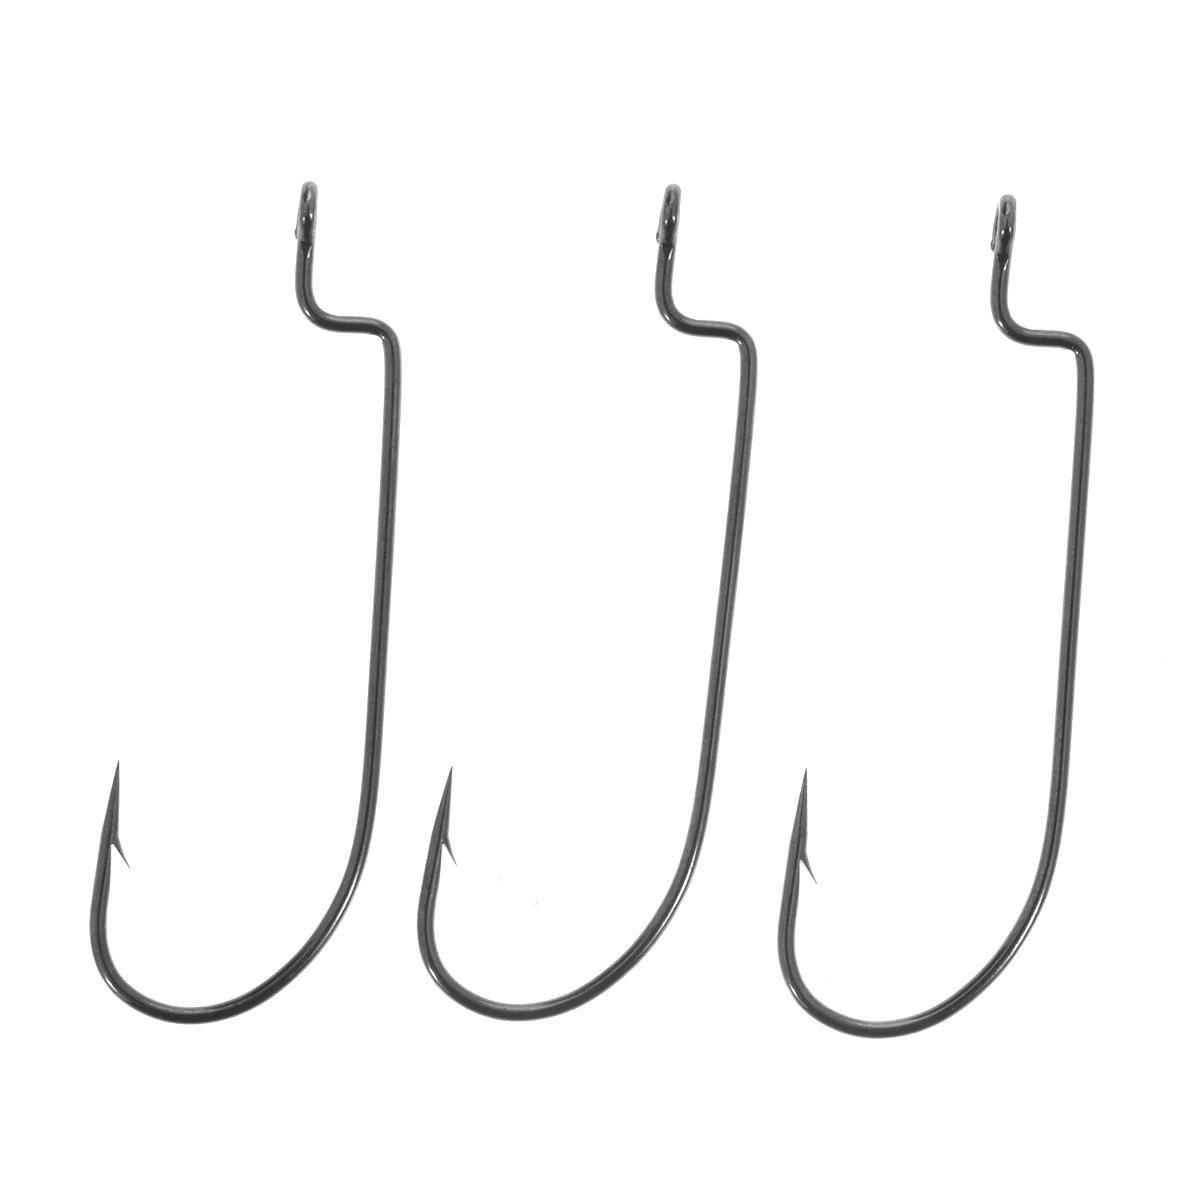 цена на Крючки рыболовные офсетные Cobra L-worm, цвет: черный, размер 3/0, 3 шт